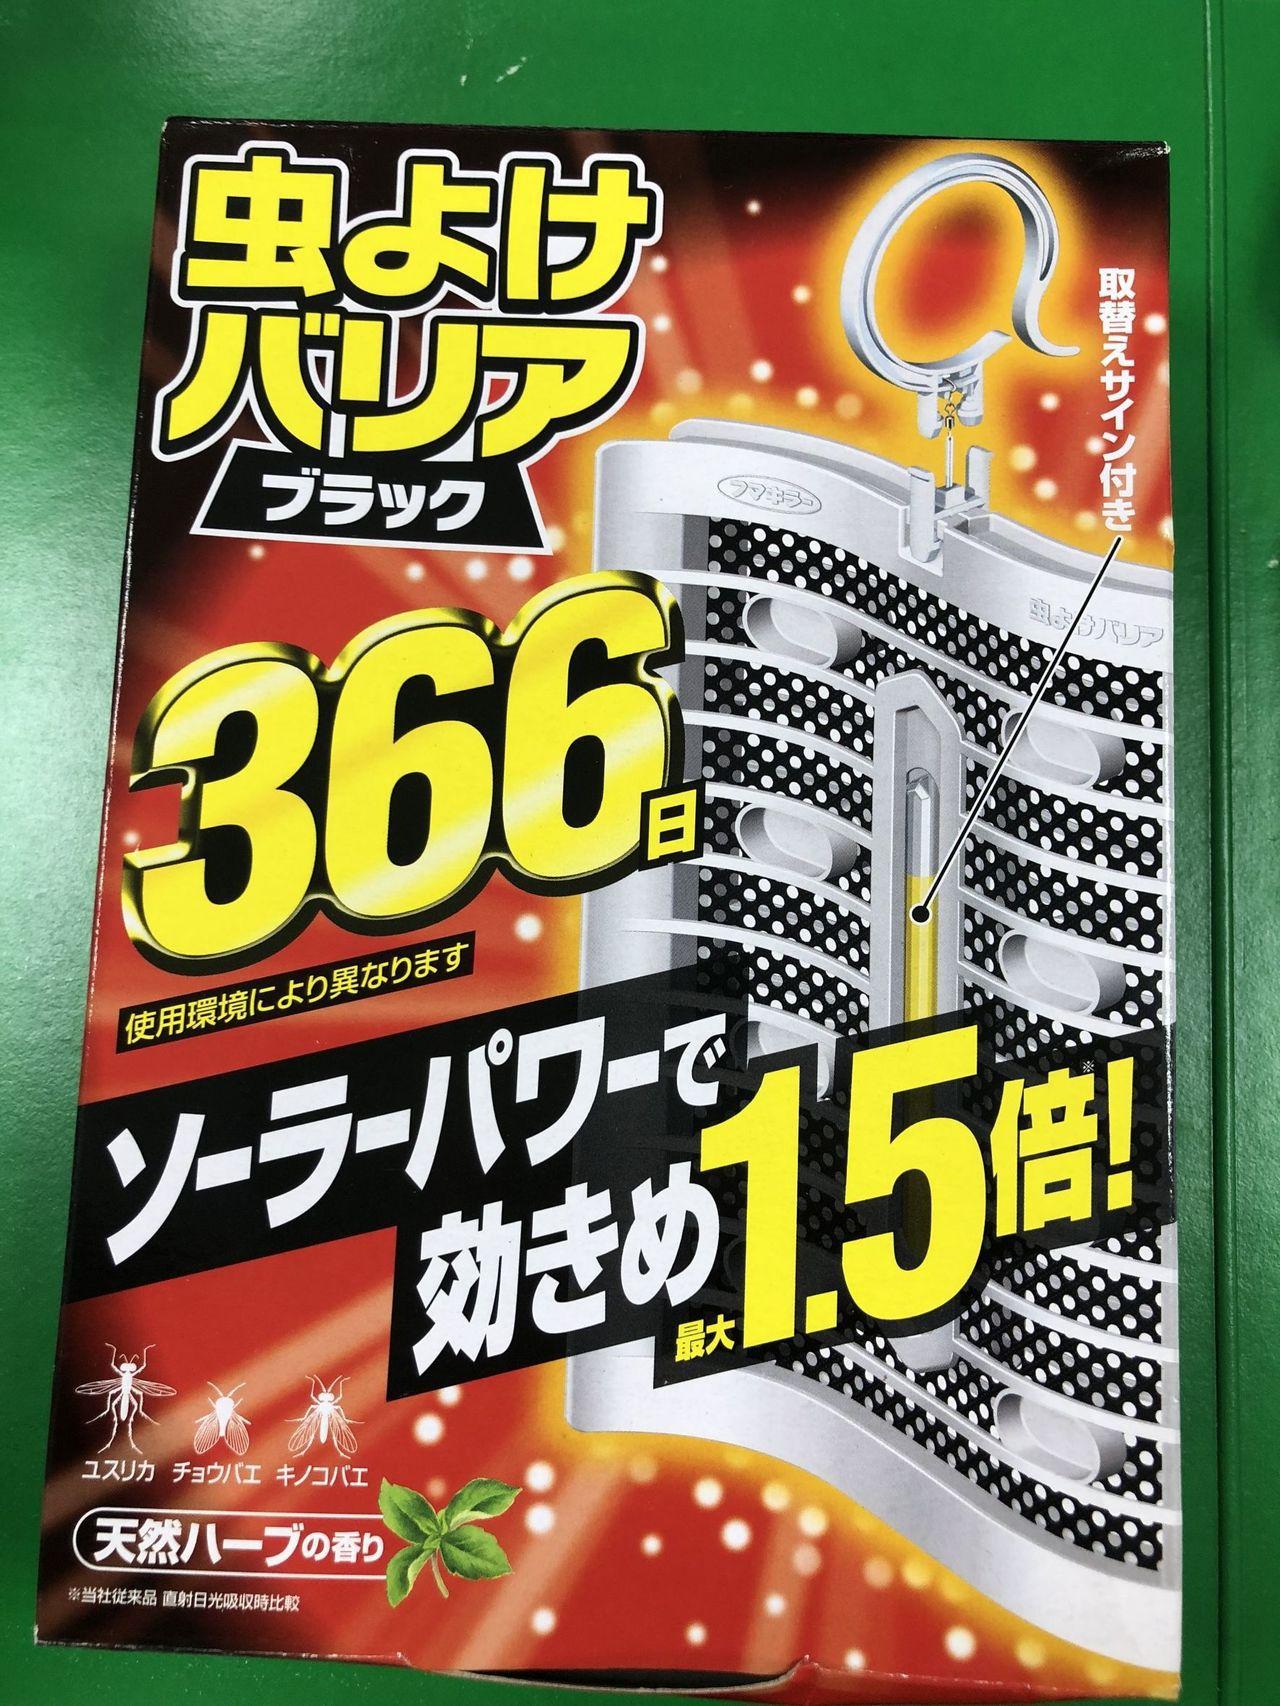 到日本買防蚊片切莫轉賣,如被查獲,依環保用藥管理法可處6萬元到30萬元罰鍰。照片...